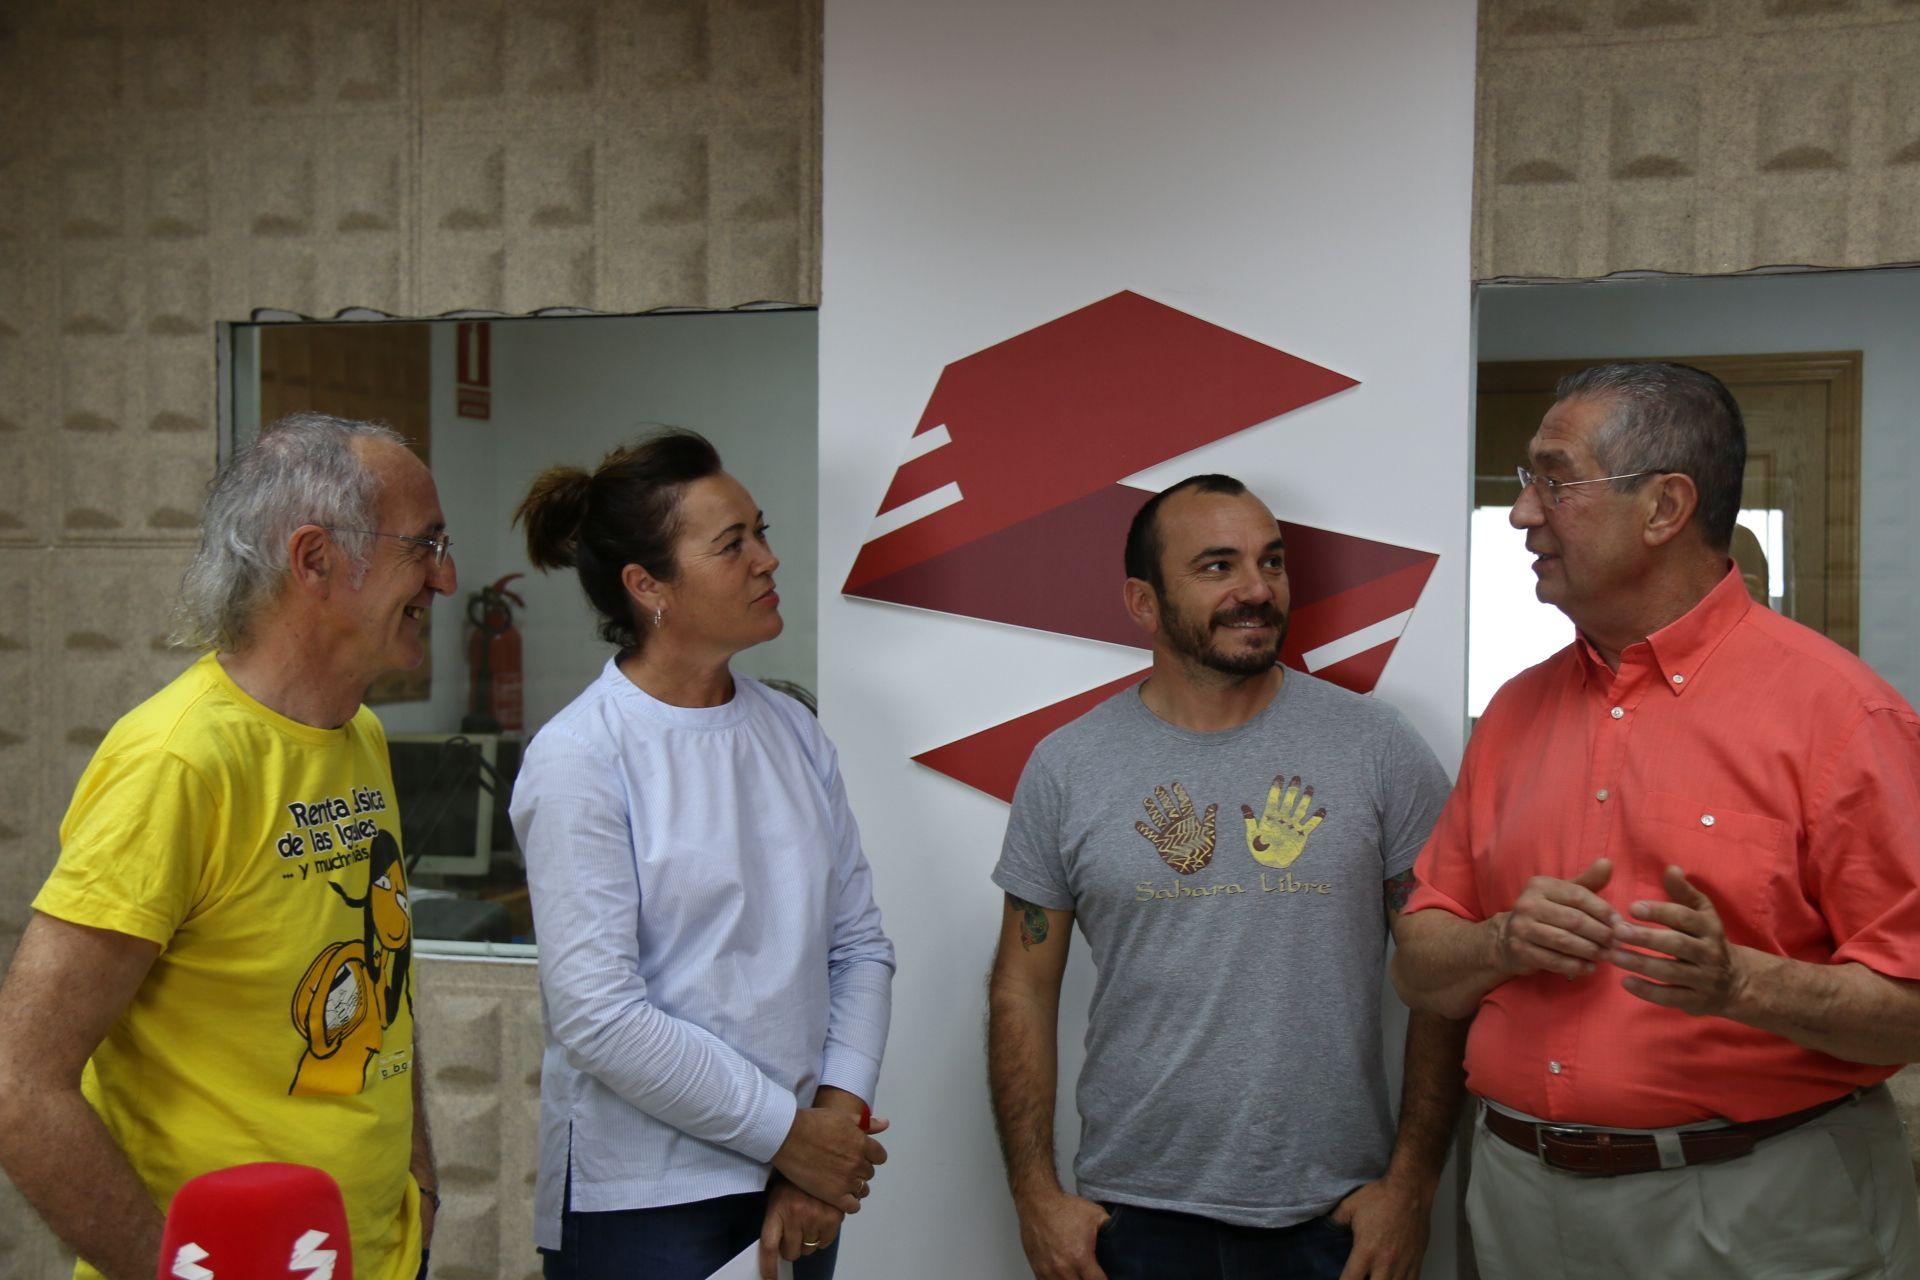 2a5445acf La Secretaría de Sociedad Civil de Podemos Canarias presenta en el Casino  de Antigua este martes, 6 de marzo, a las 18.00 horas, un taller sobre la  Renta ...